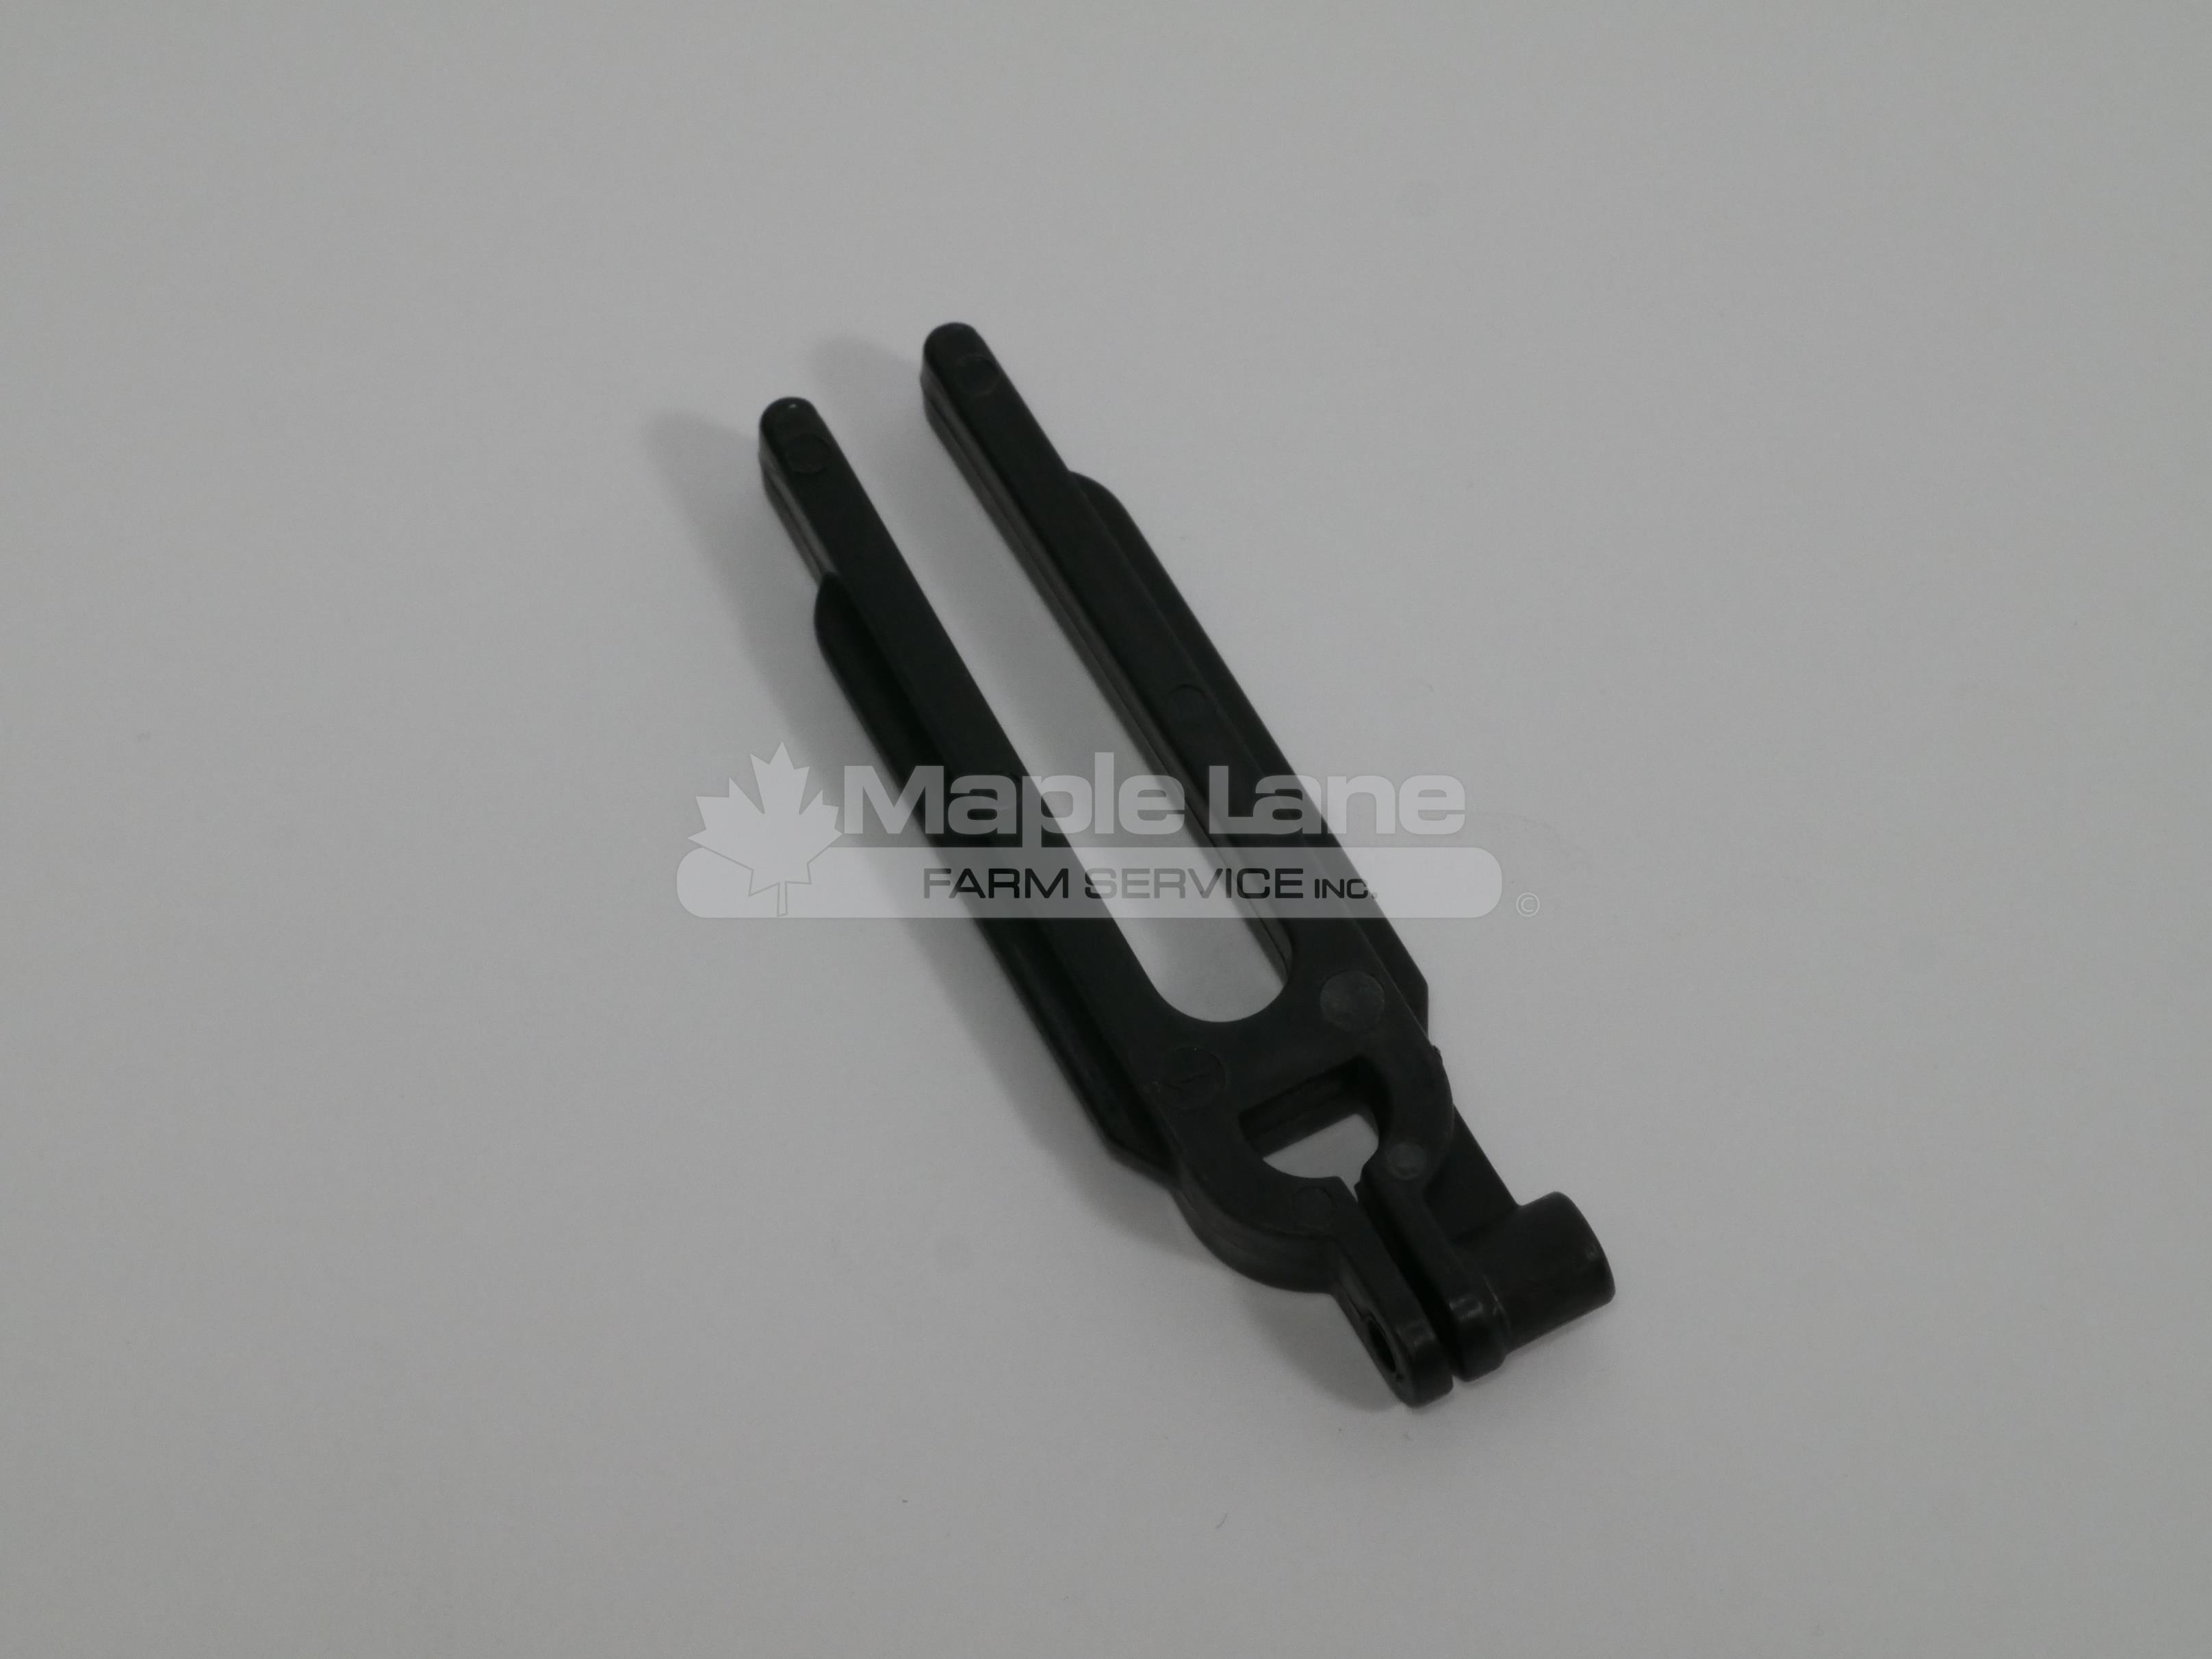 acw0063220 fork